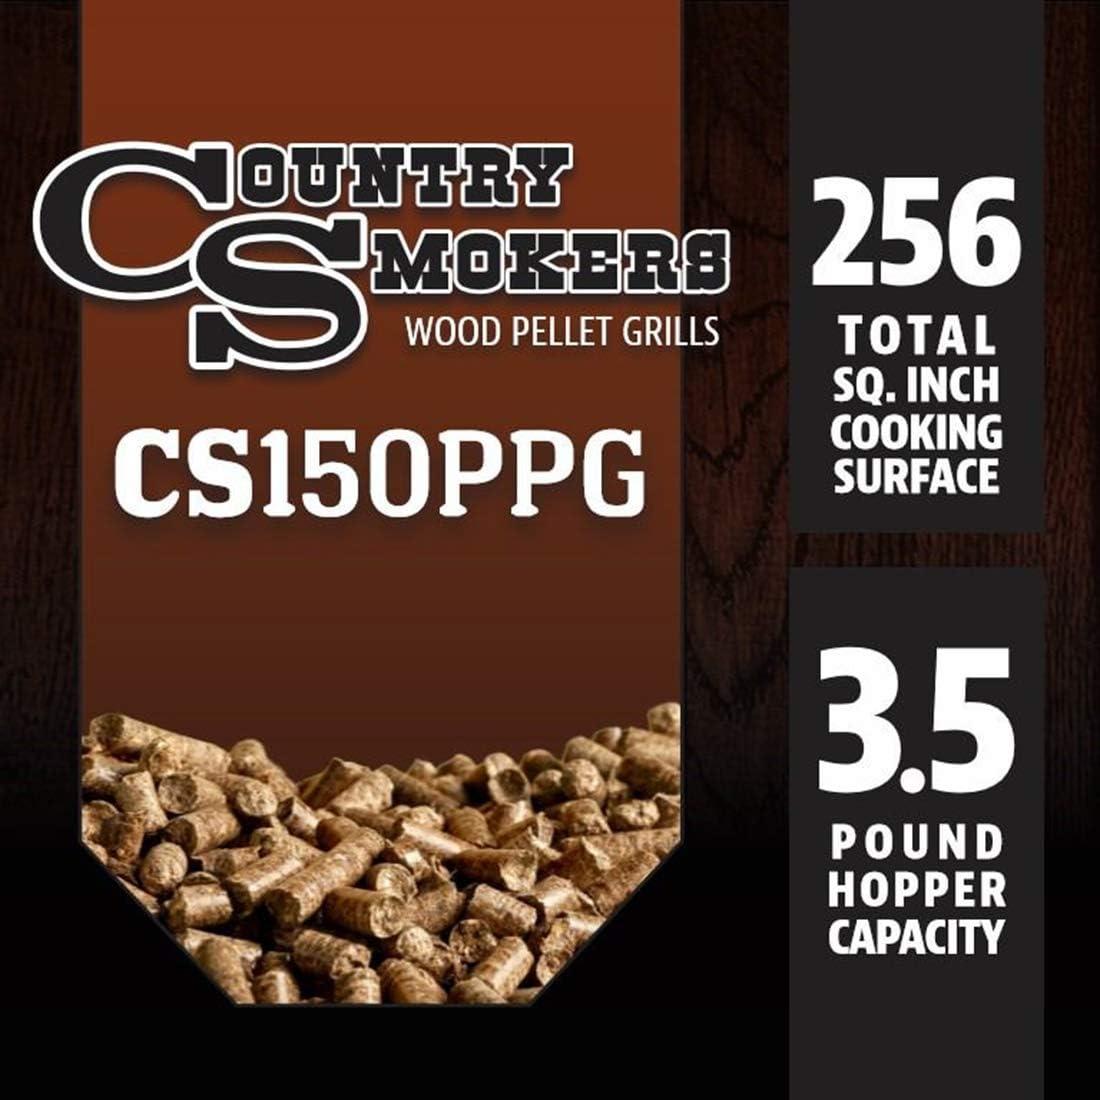 Schwarz Country Smokers CSPEL015010497 Holzpelletgrill und Smoker